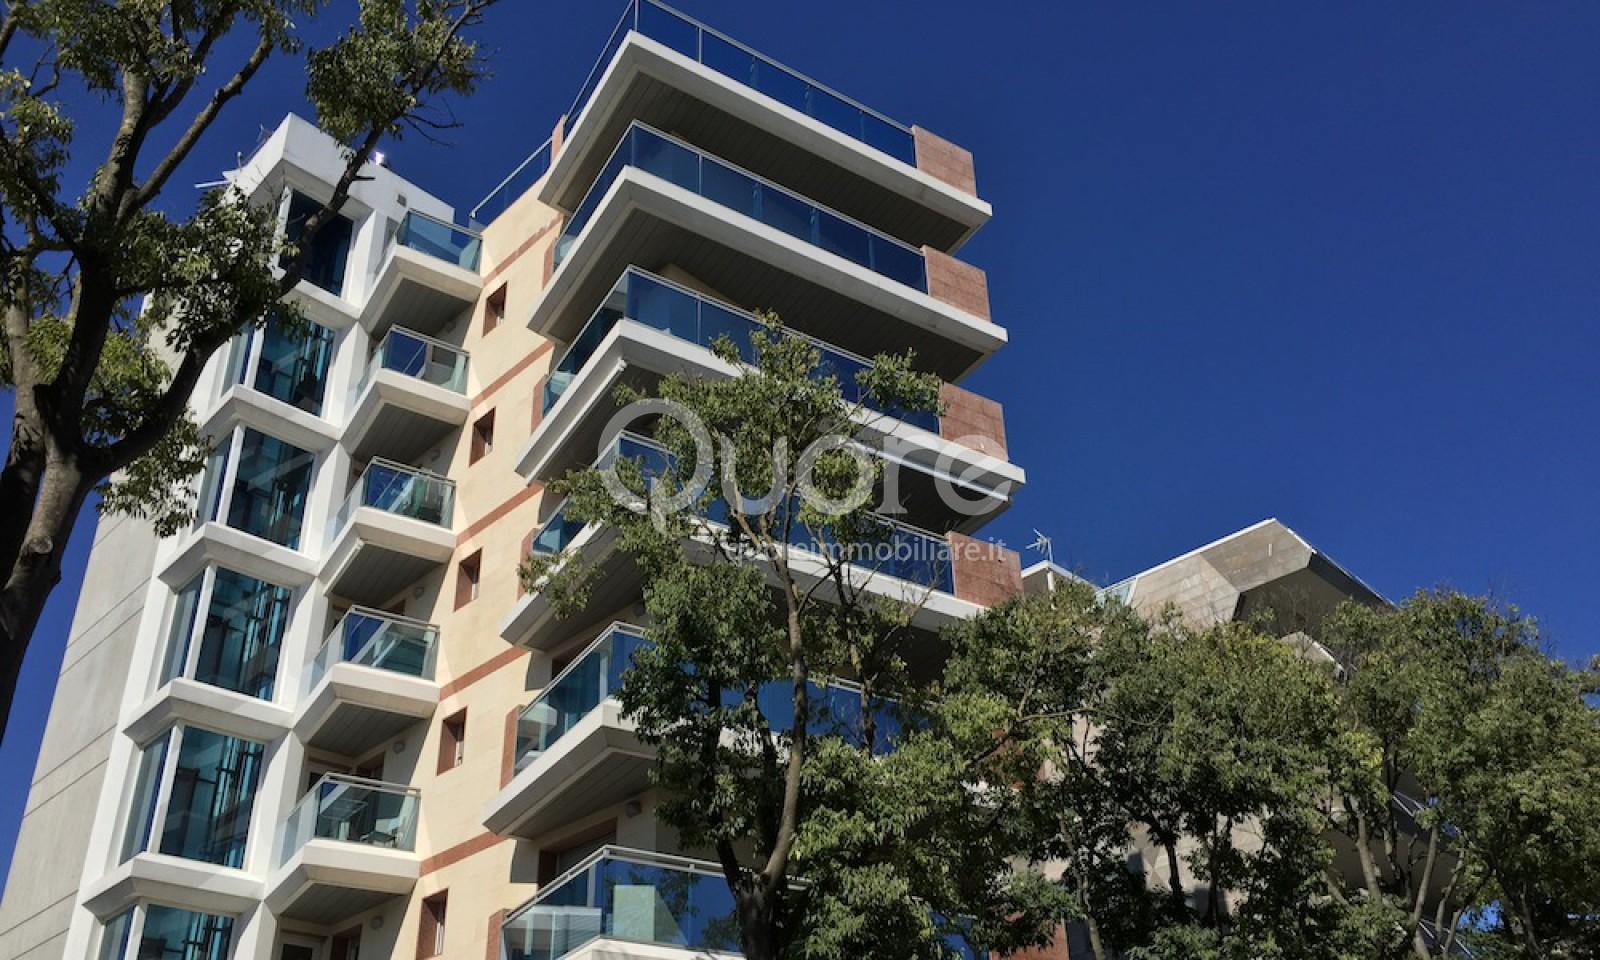 Attico / Mansarda in vendita a Lignano Sabbiadoro, 3 locali, Trattative riservate | CambioCasa.it